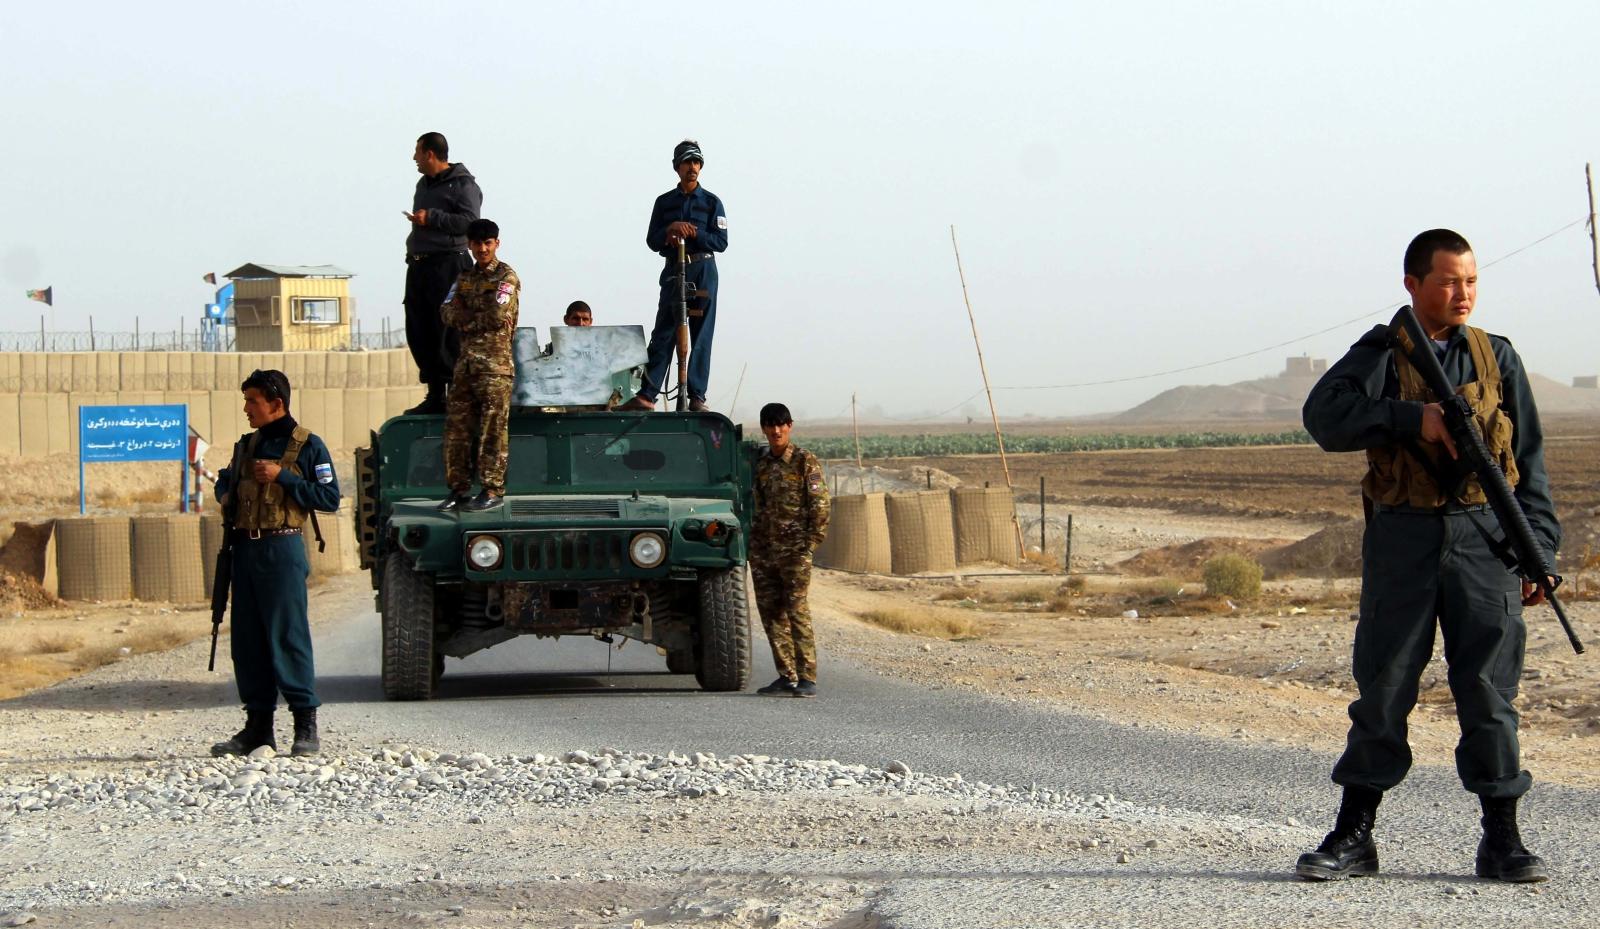 Afganistan. Wybuch samochodu pułapki. fot. EPA/WATAN YAR